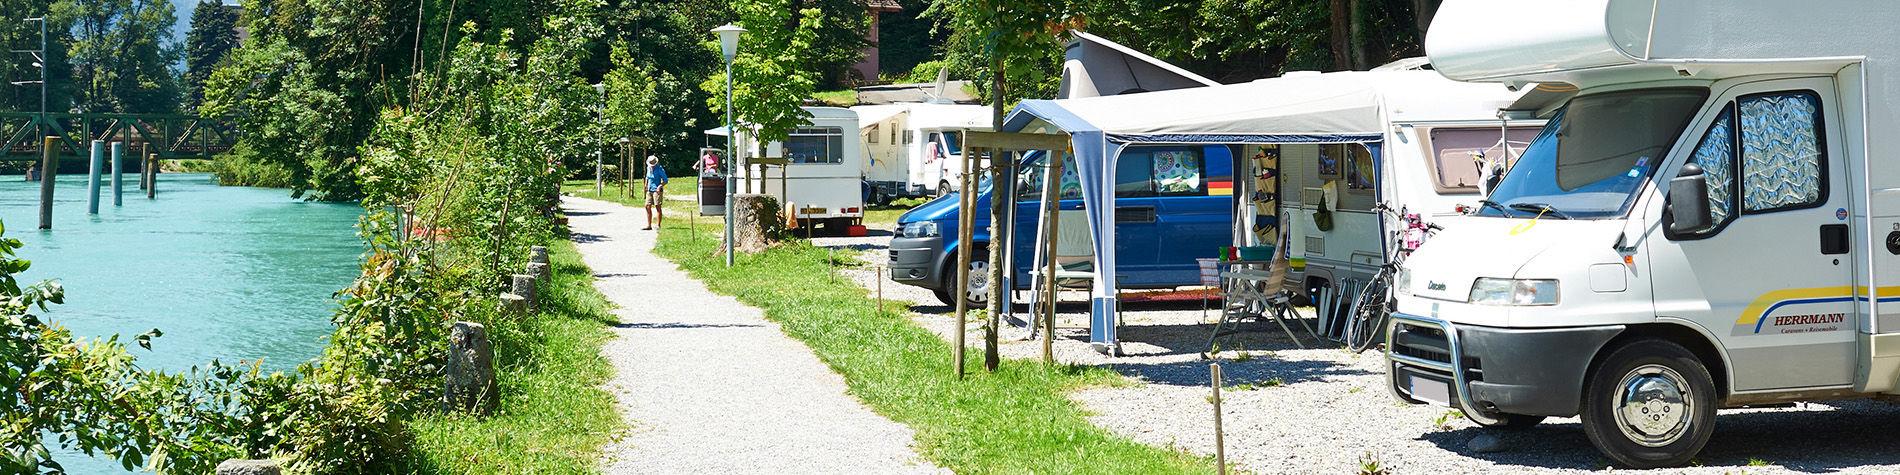 gancio di campeggio in Francia